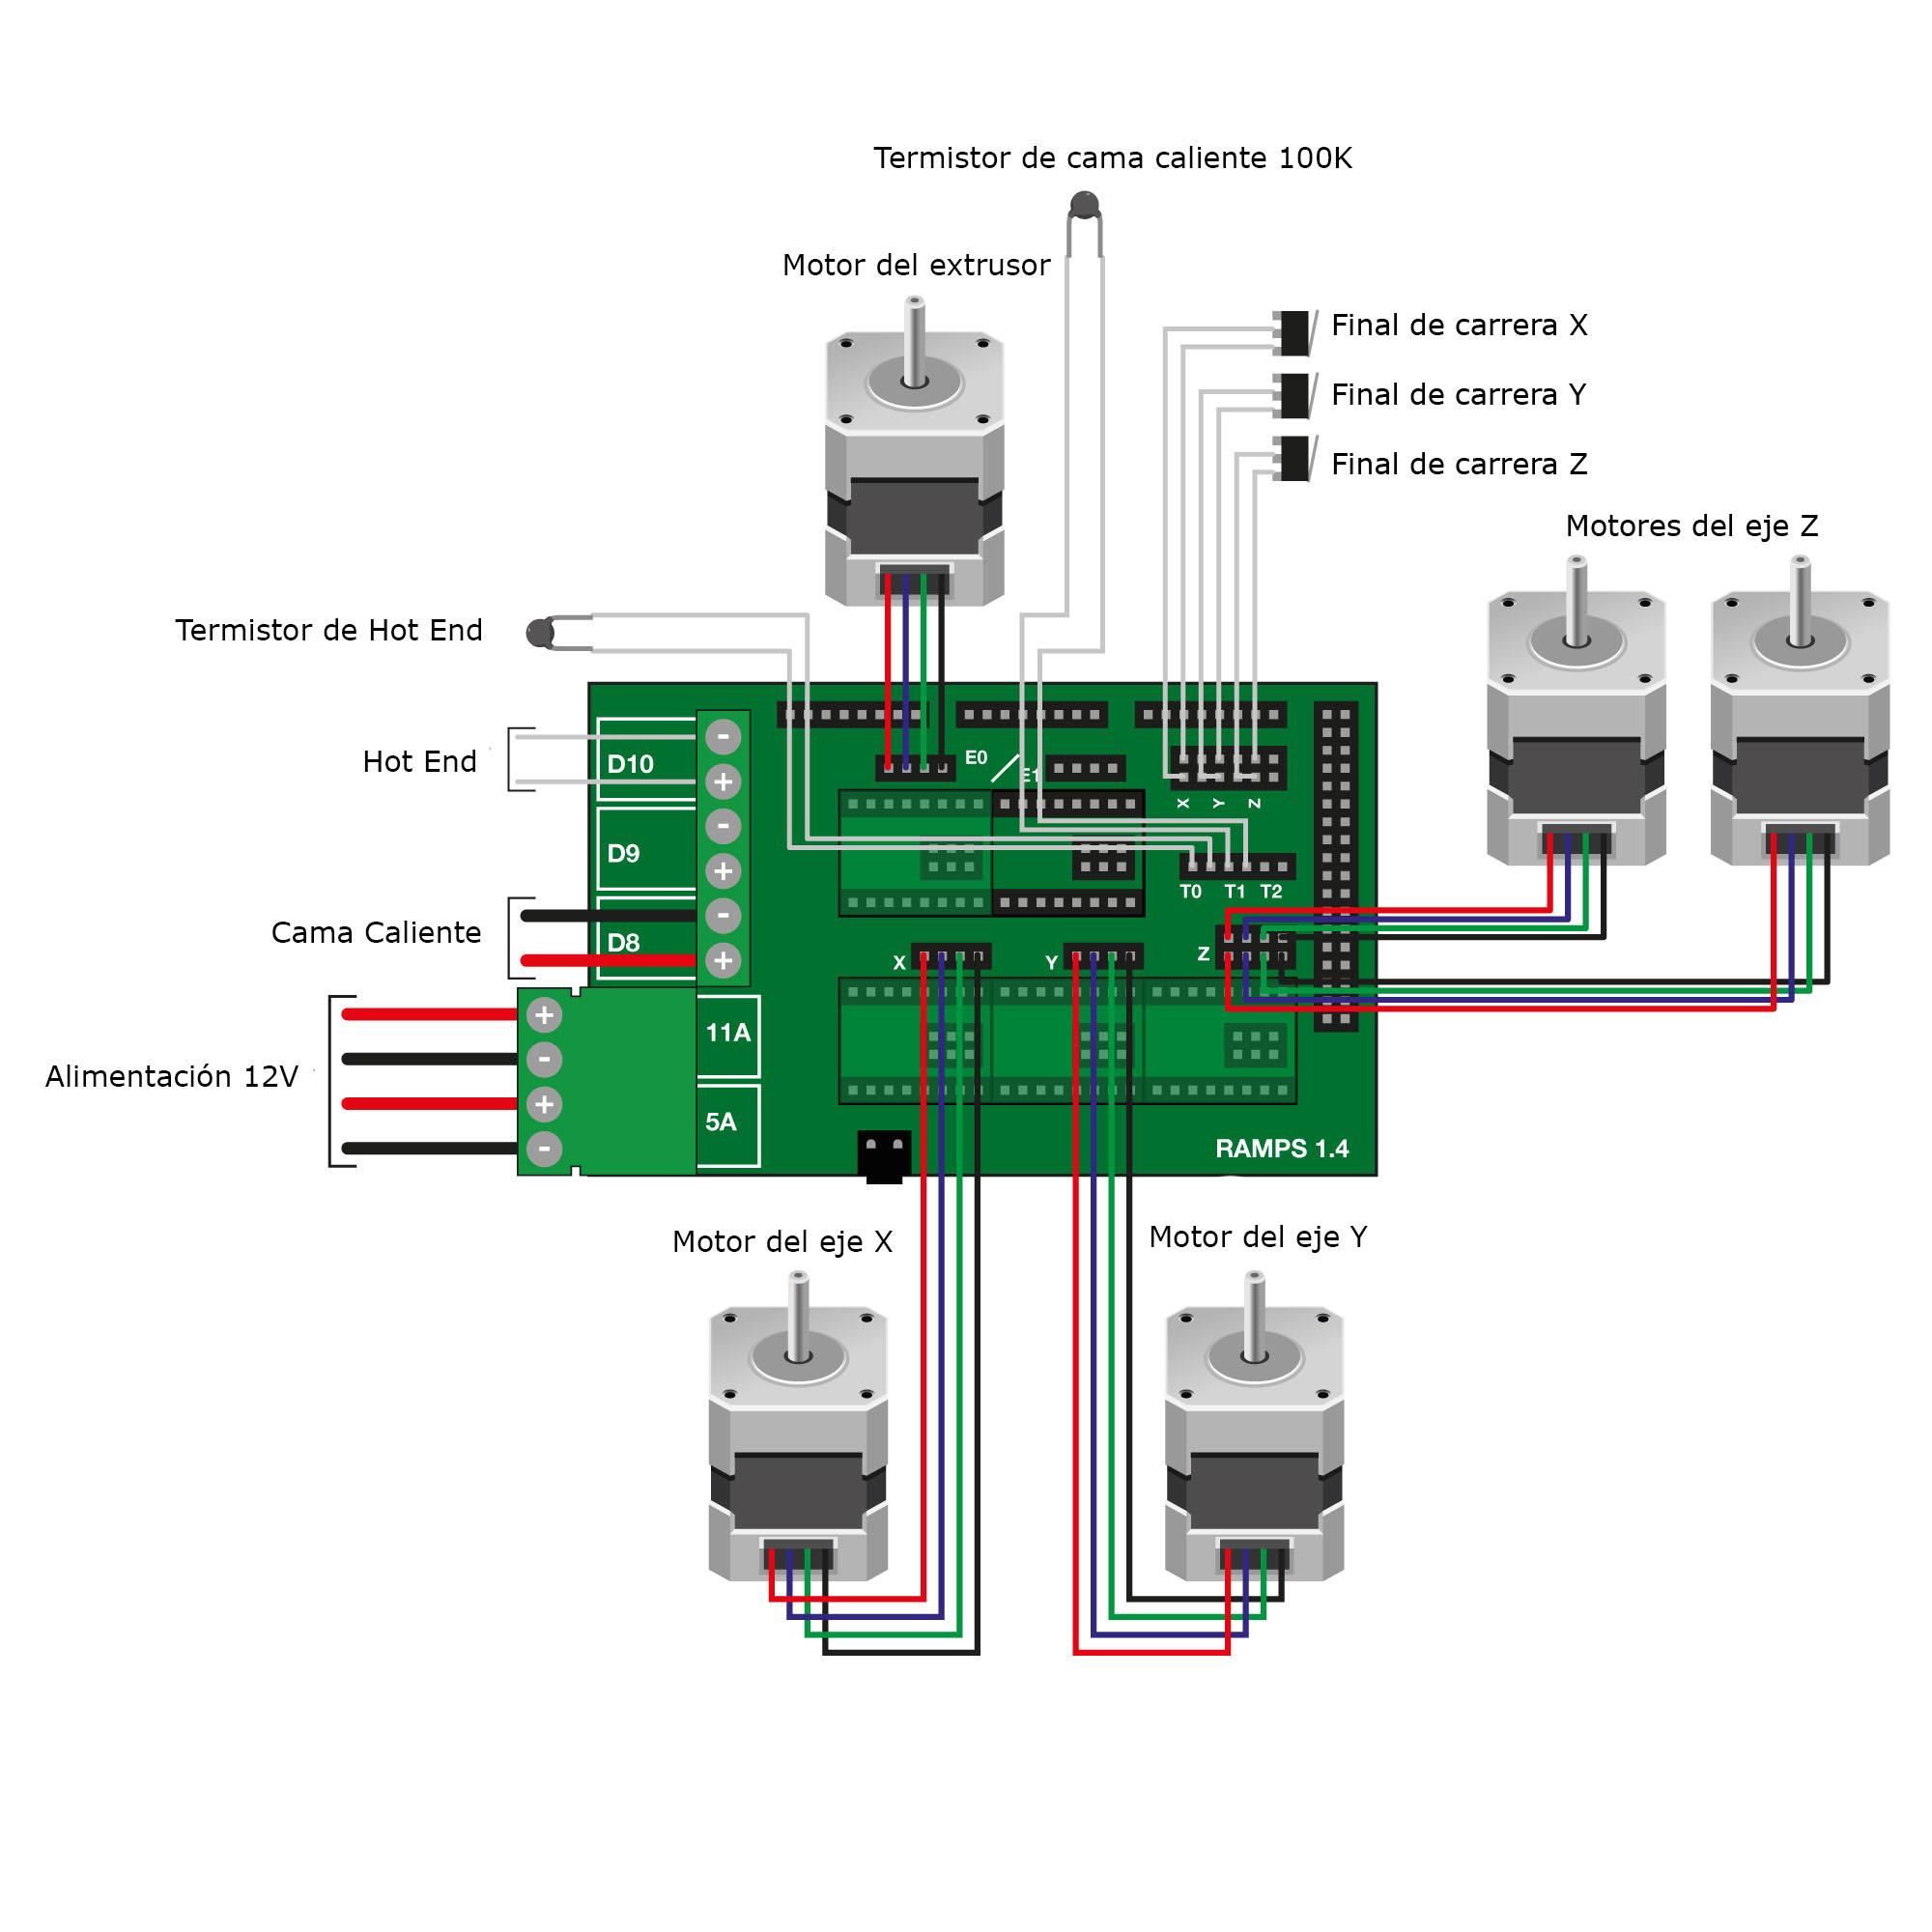 shield ramps 1 4 para impresora 3d reprap prusa mendel